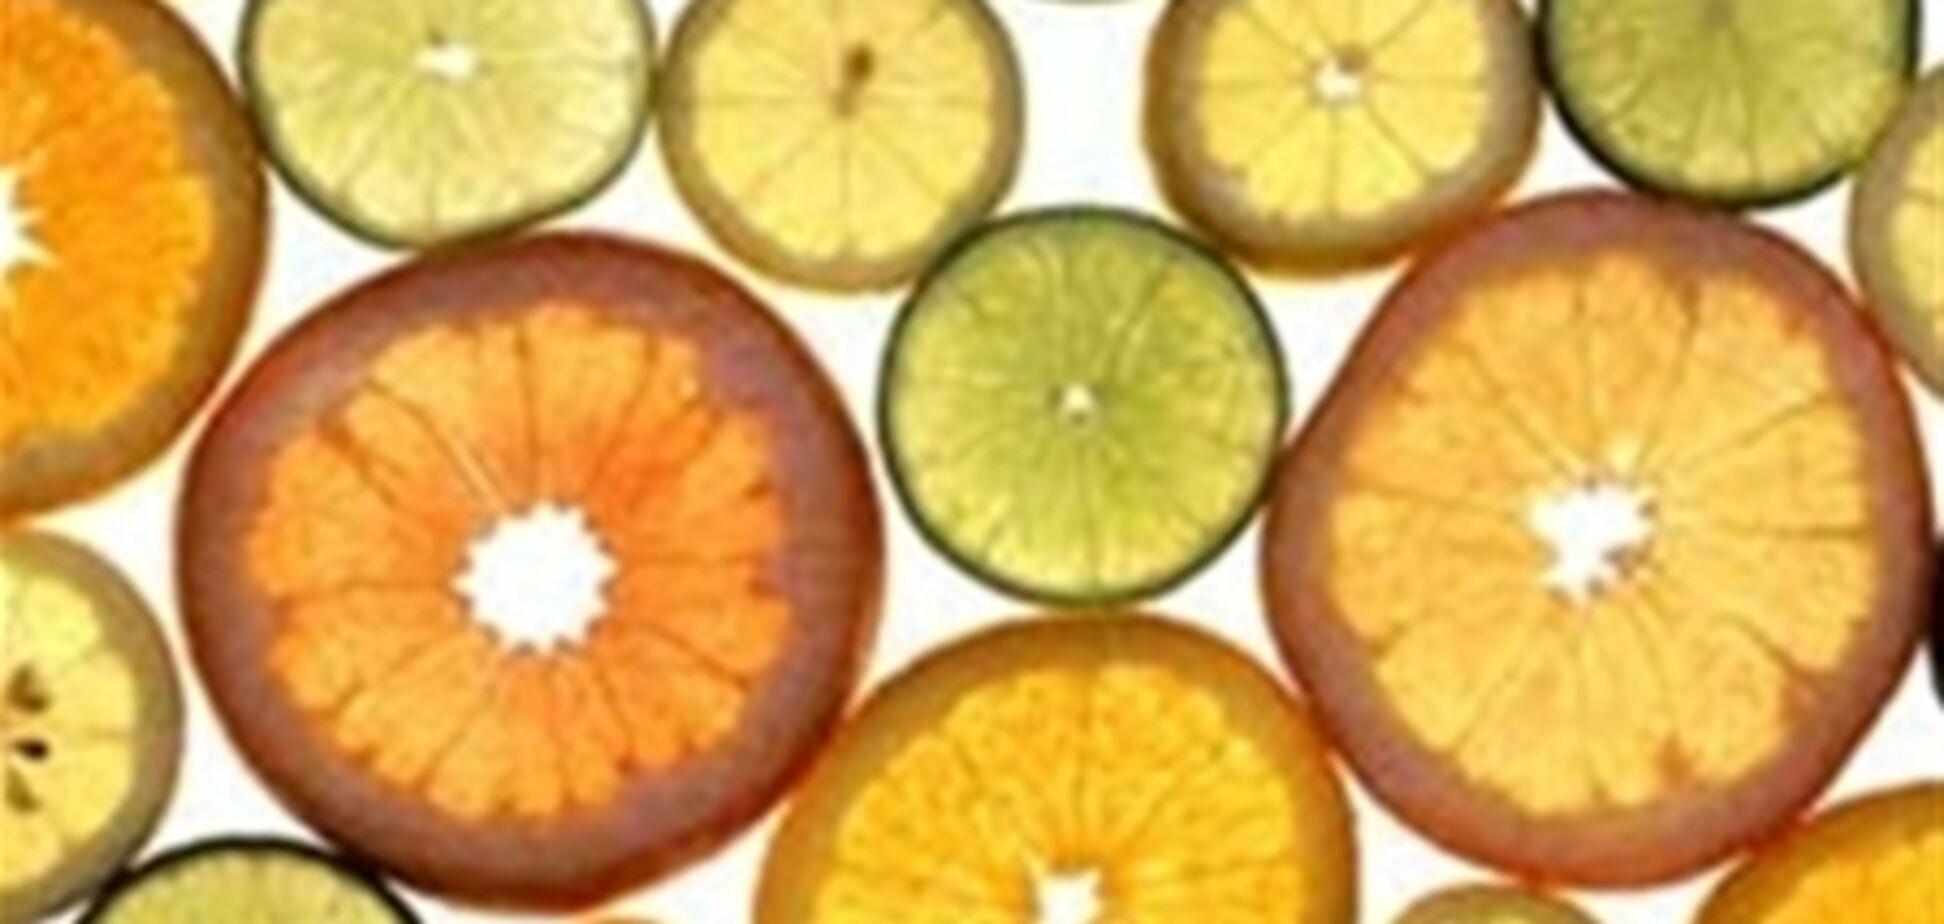 Кожура цитрусов снизит уровень холестерина в крови